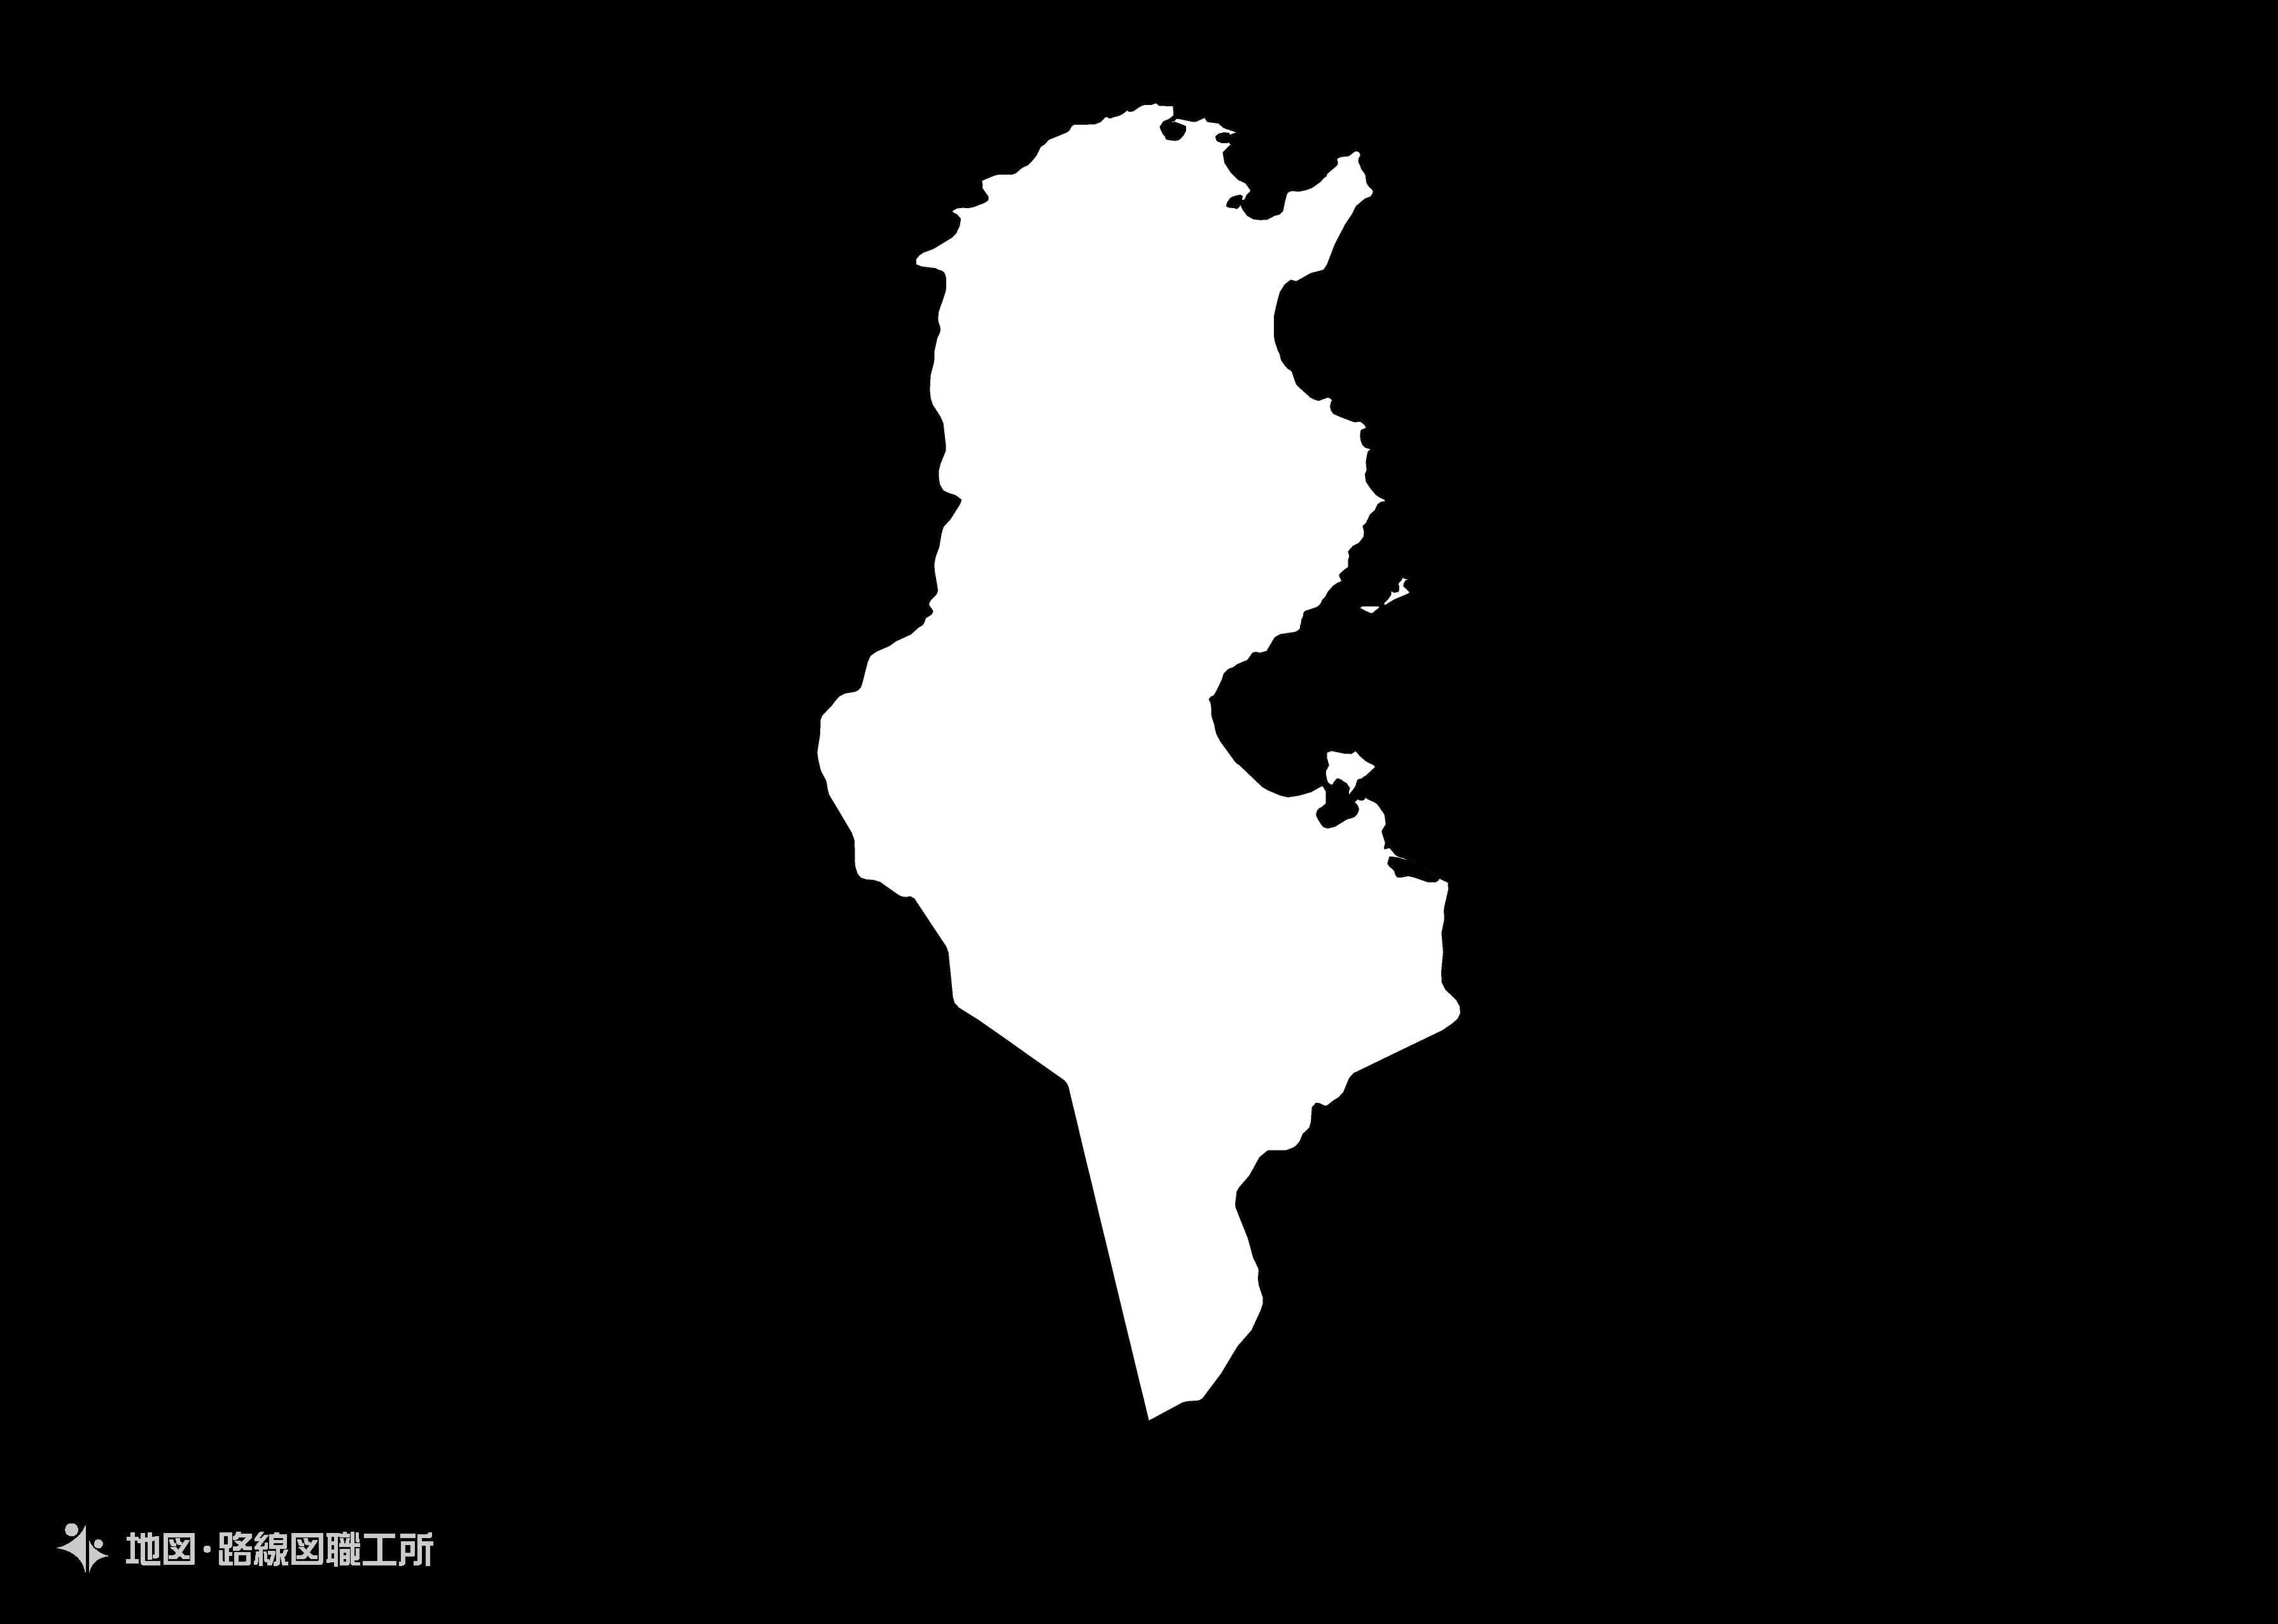 世界の白地図 チュニジア共和国 republic-of-tunisia map